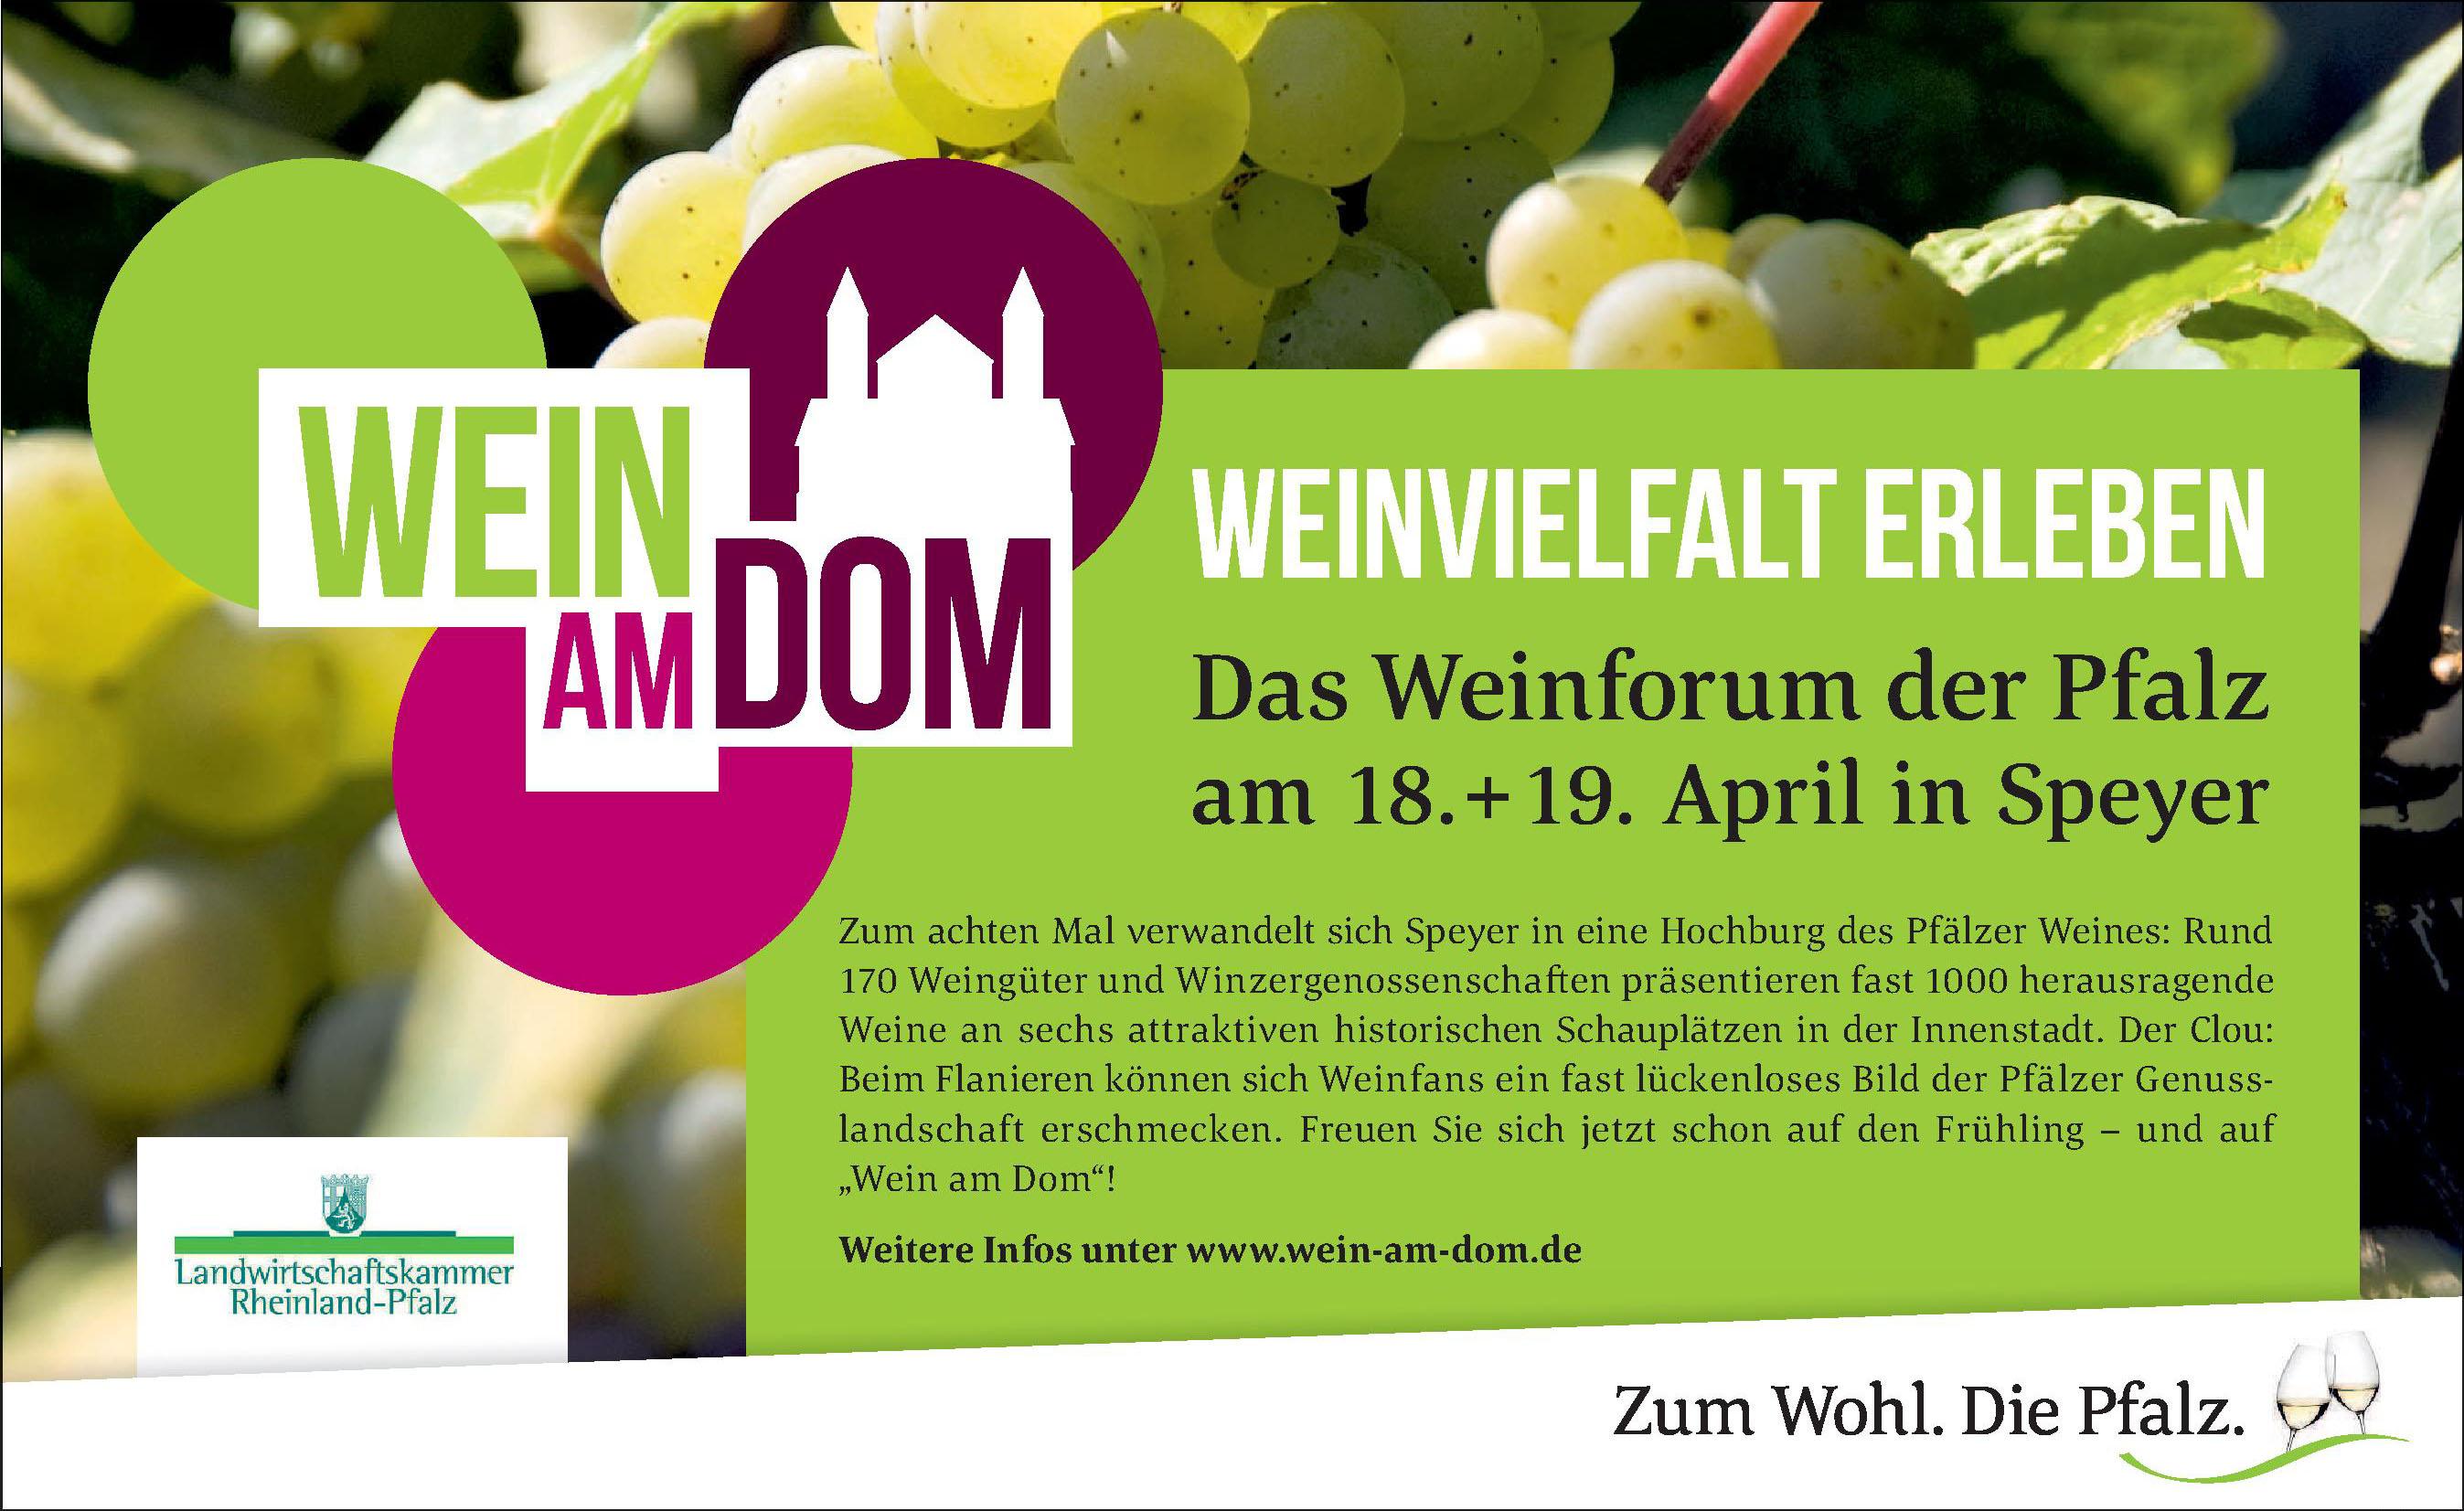 Wein am Dom